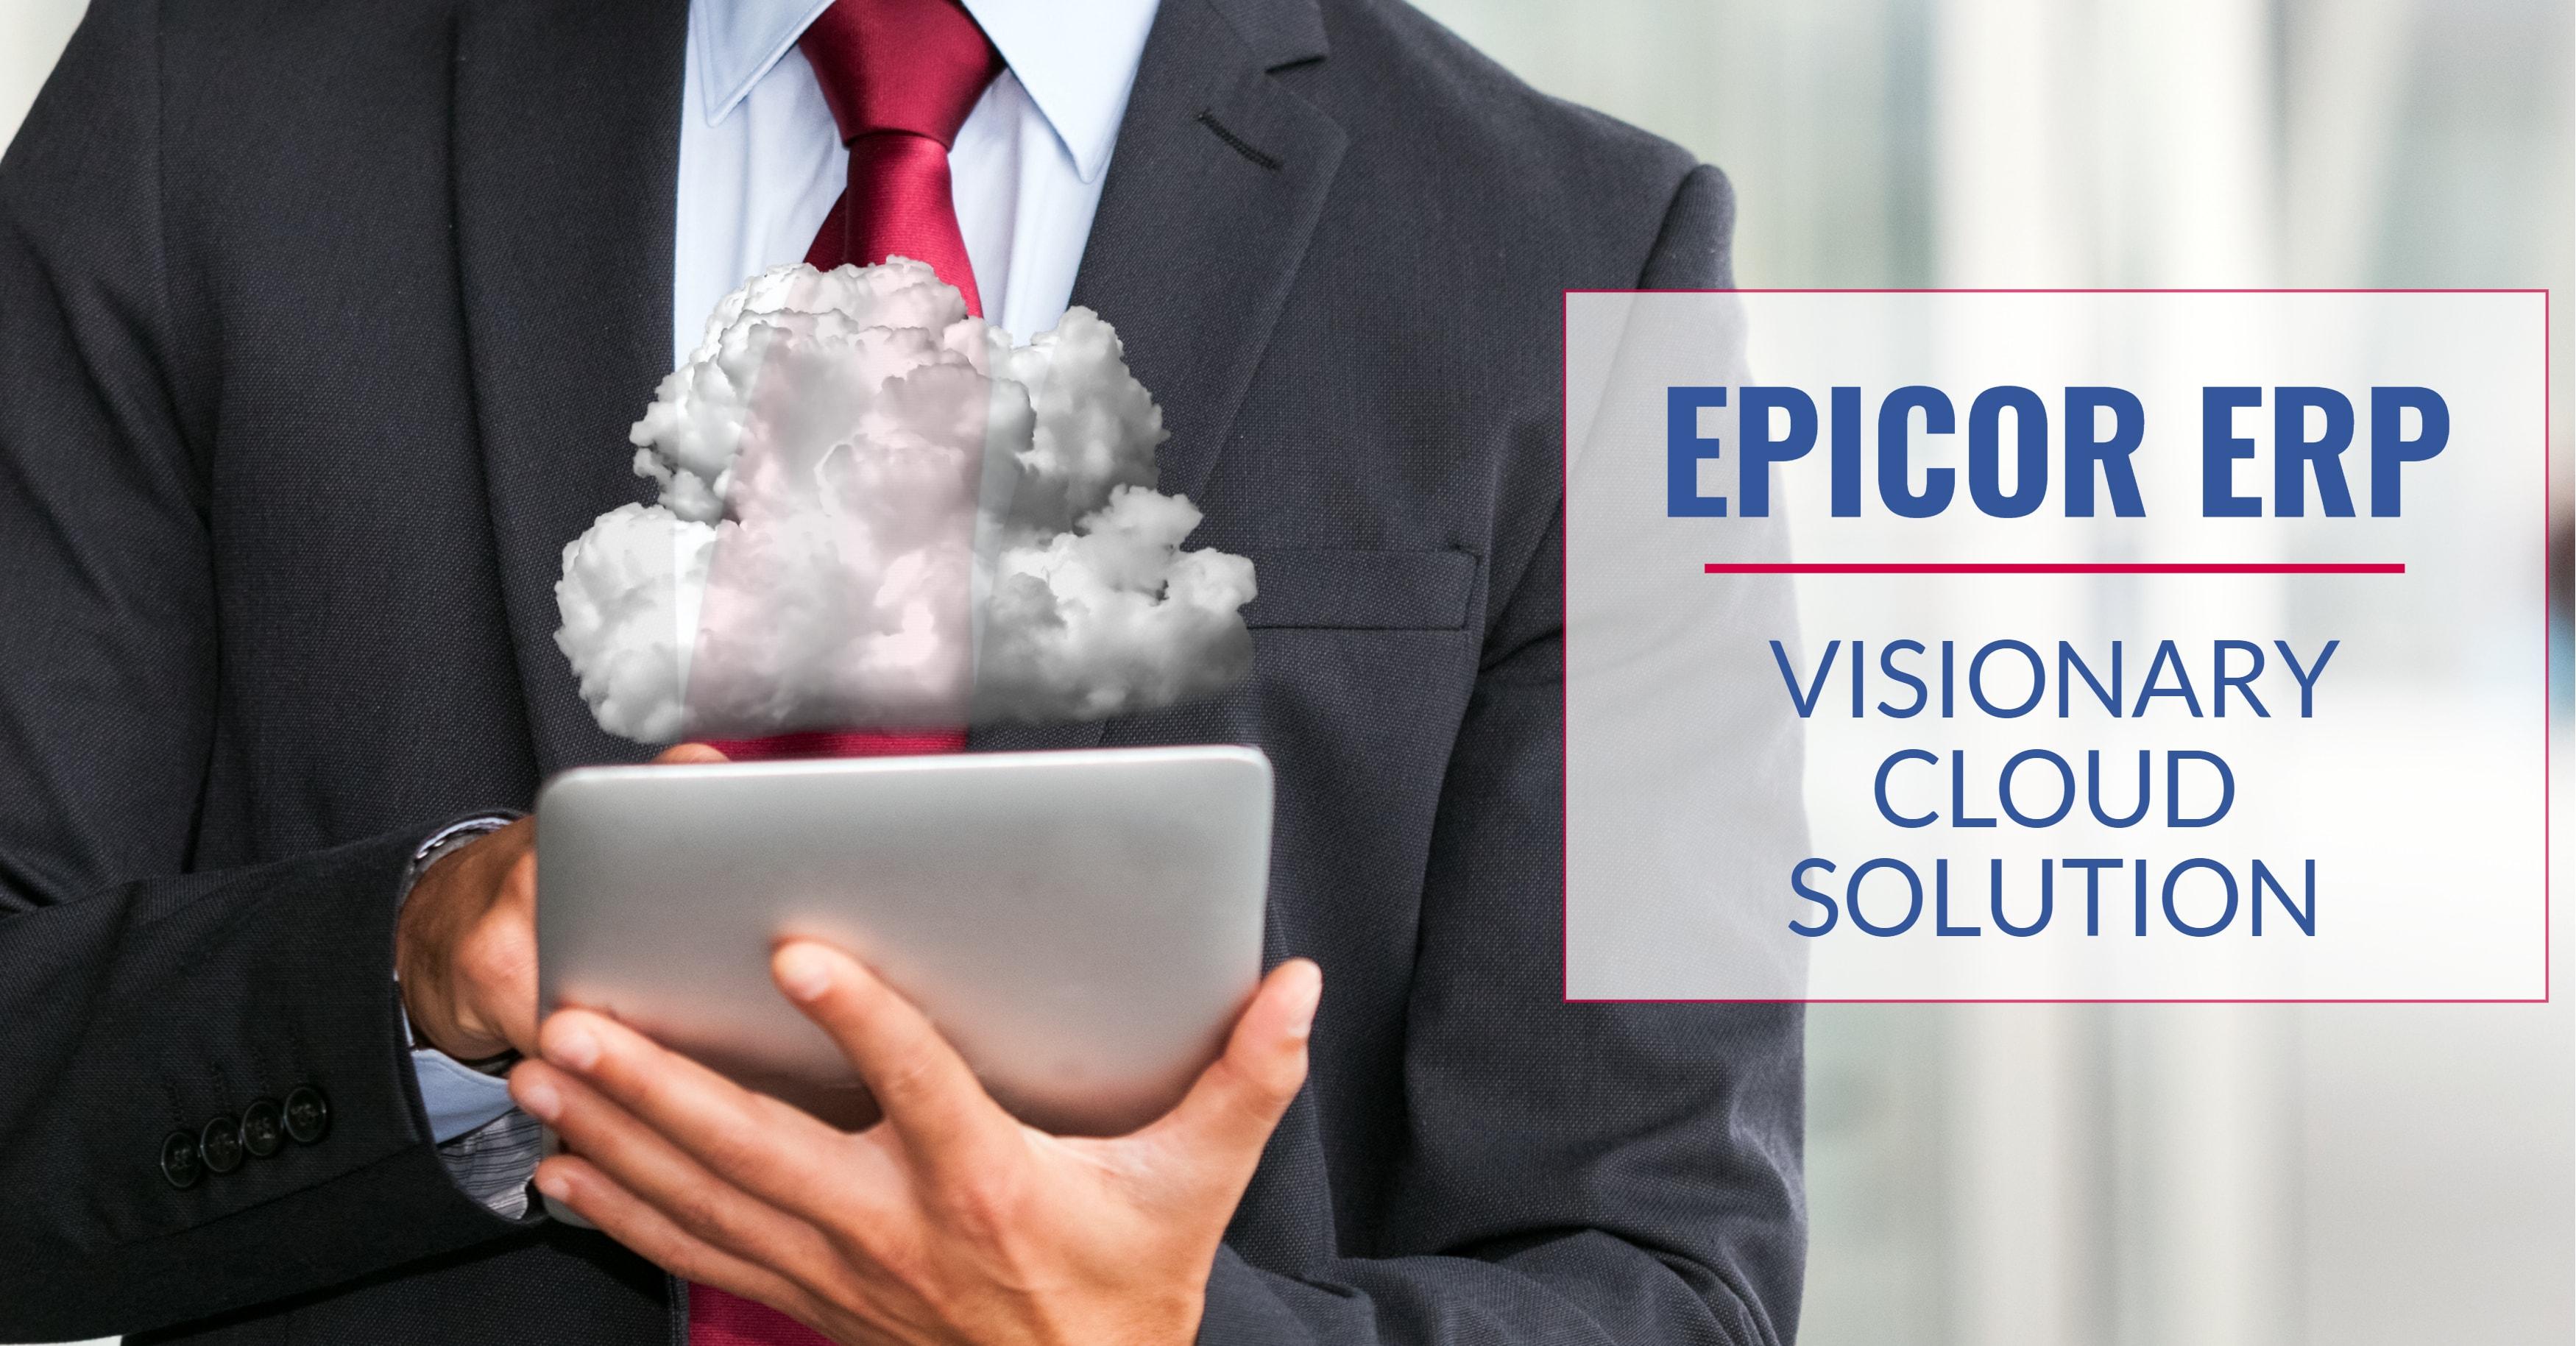 Epicor ERP Gartner Cloud